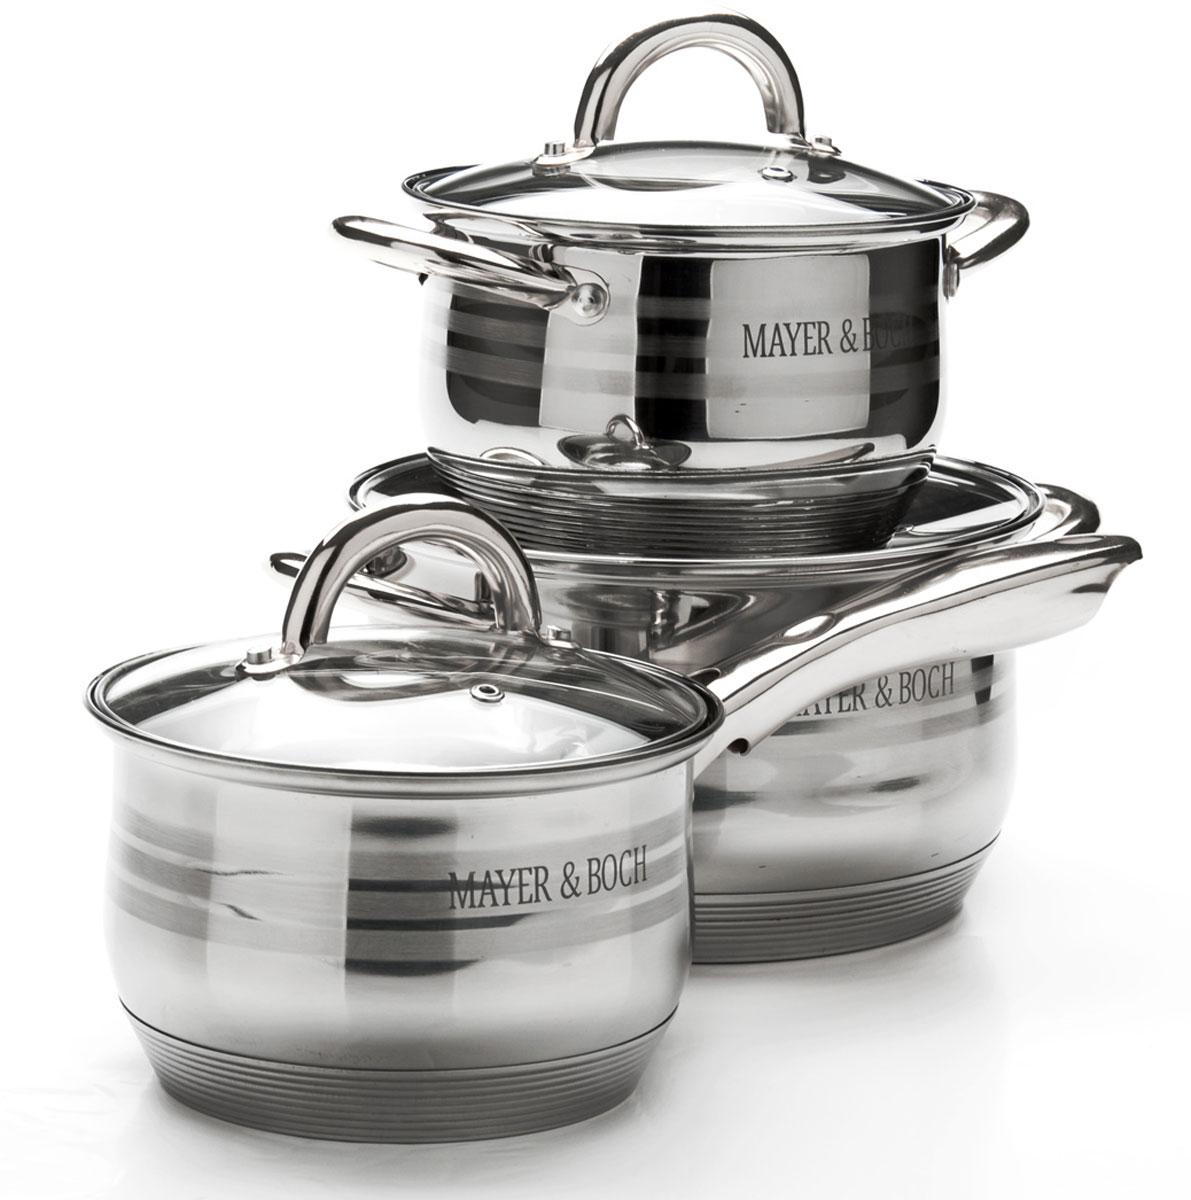 Набор посуды Mayer & Boch, 6 предметов. 25667256672,1+2,1+3,9л